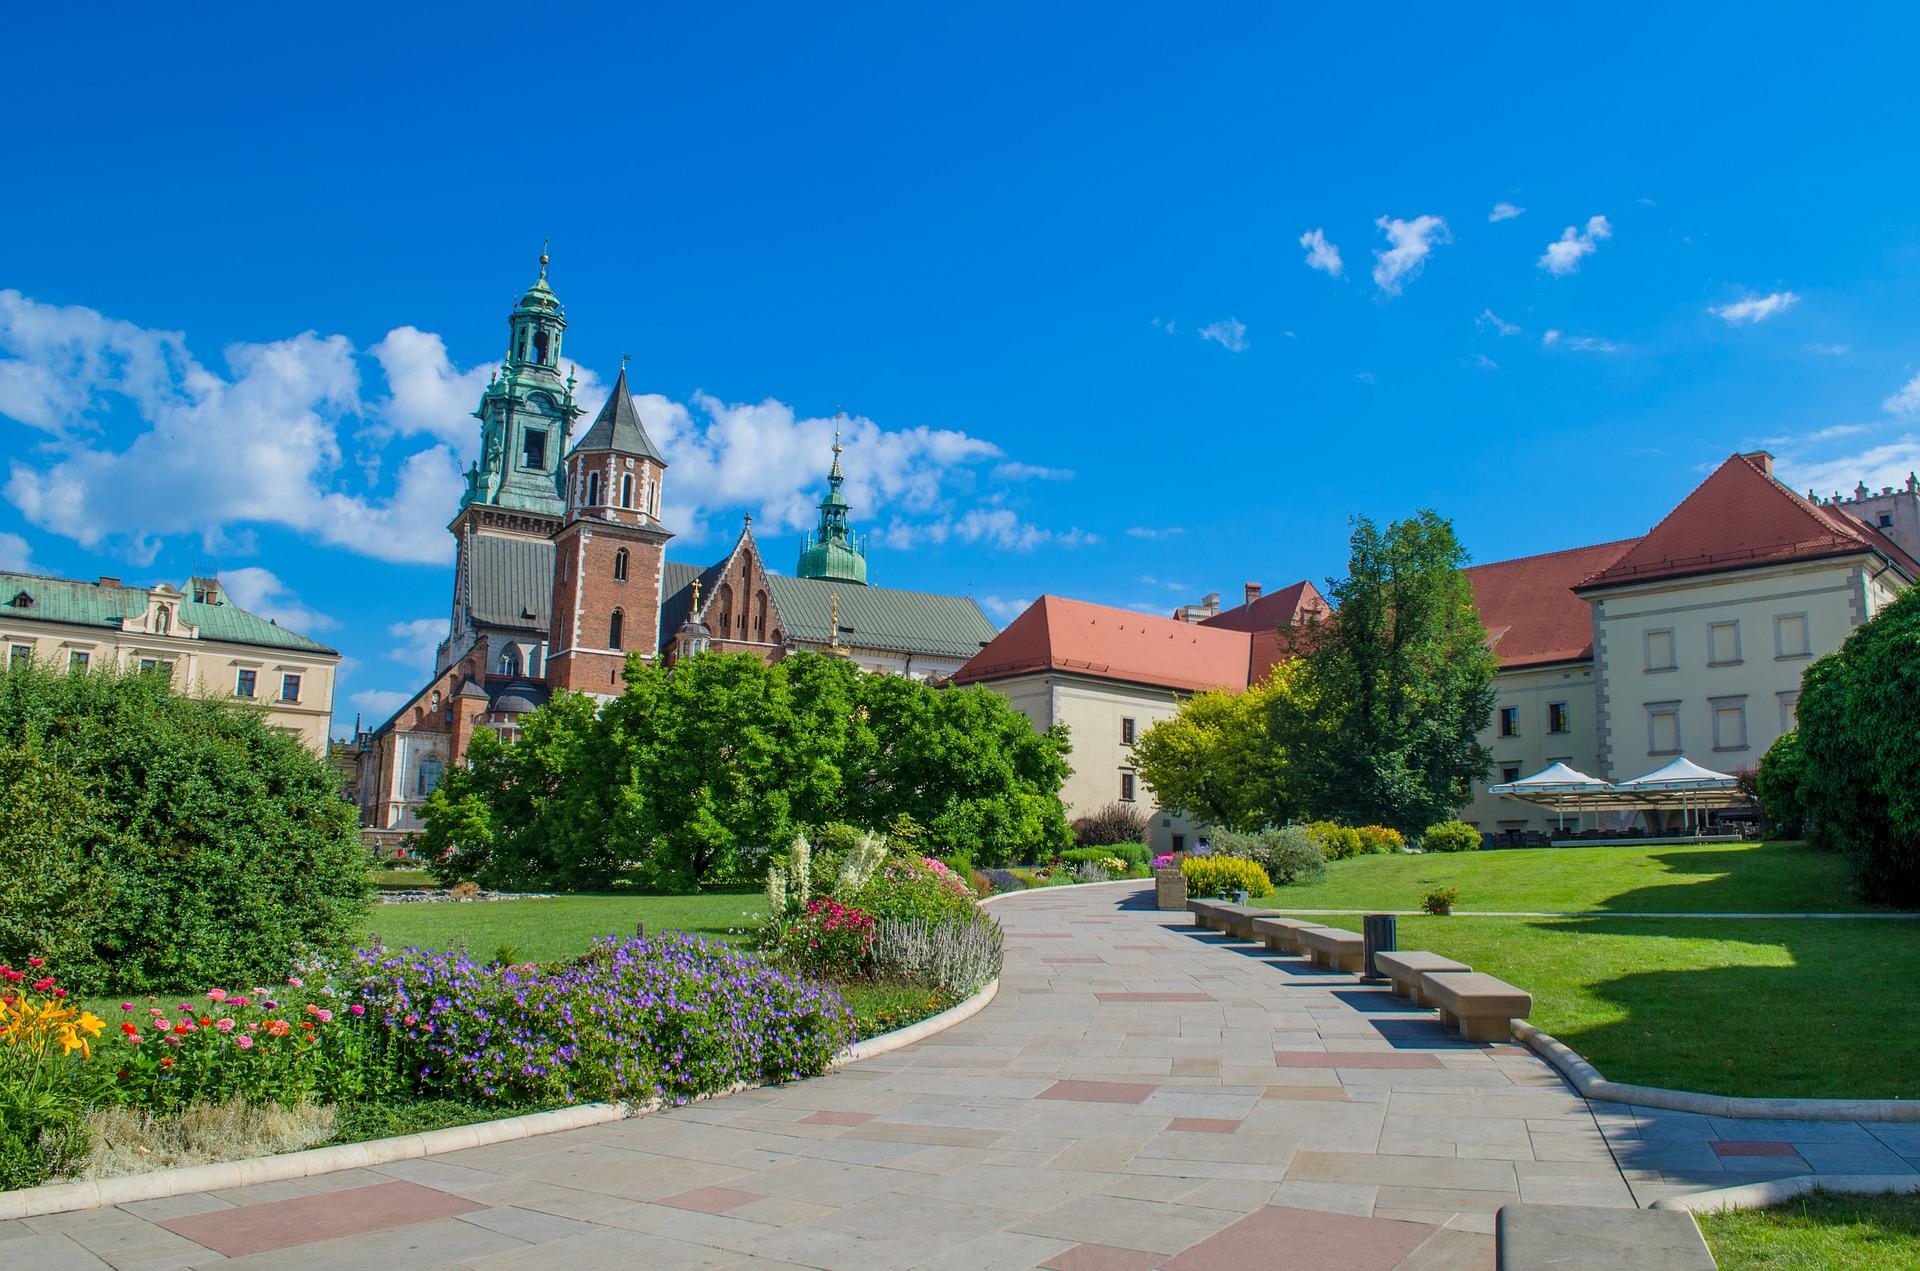 קראקוב בירת פולין בעבר